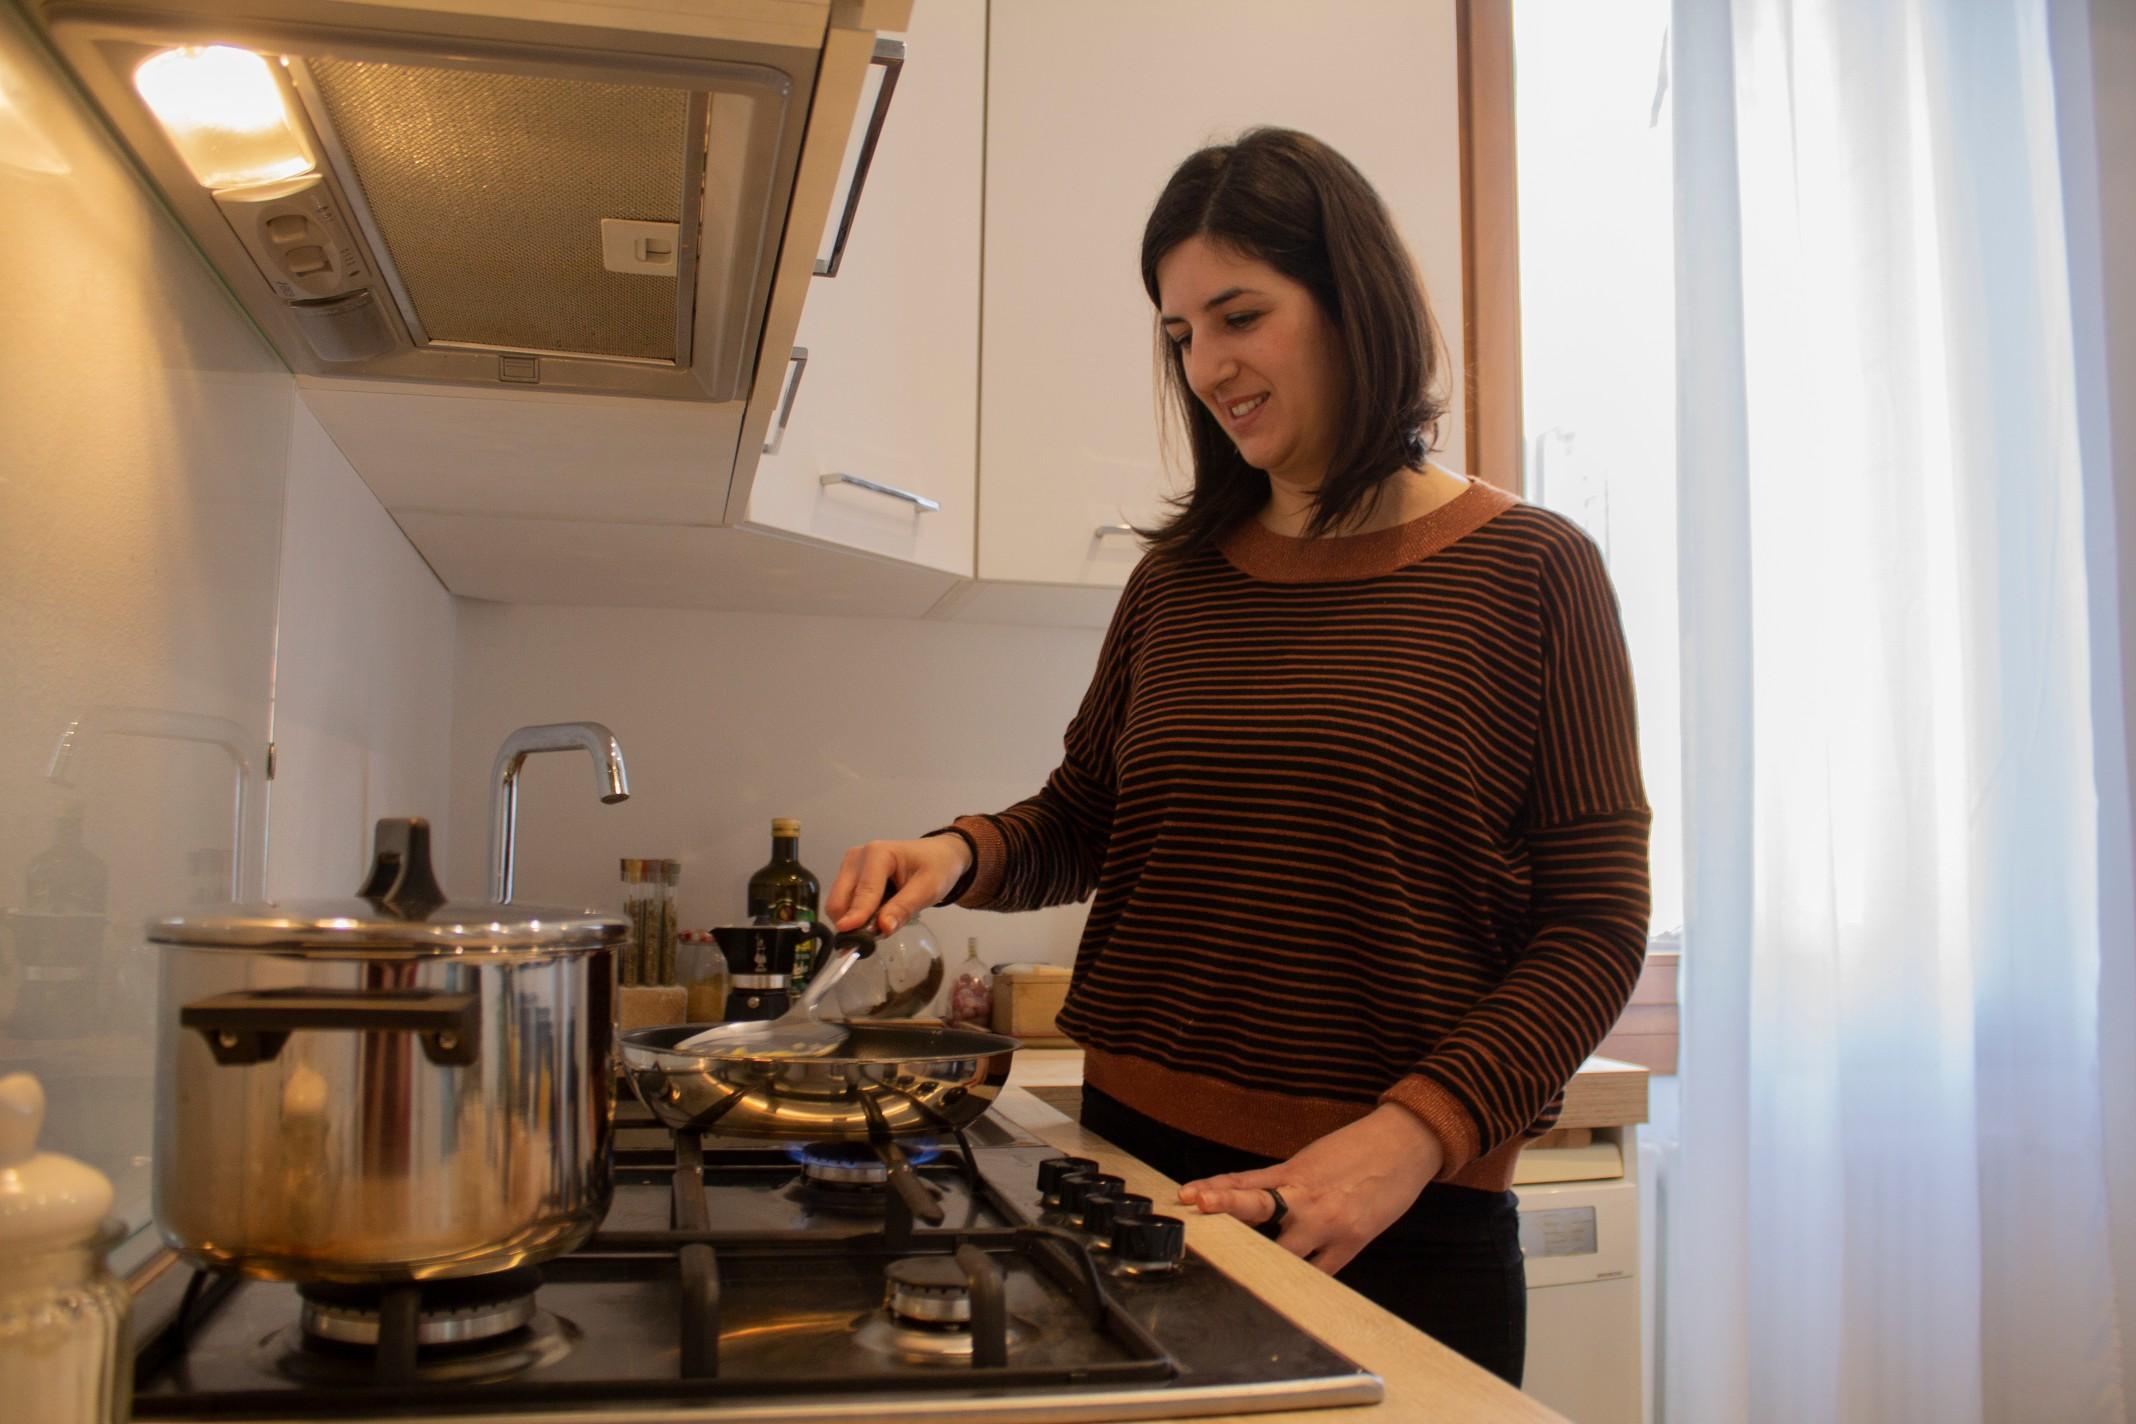 Laura cooking polenta